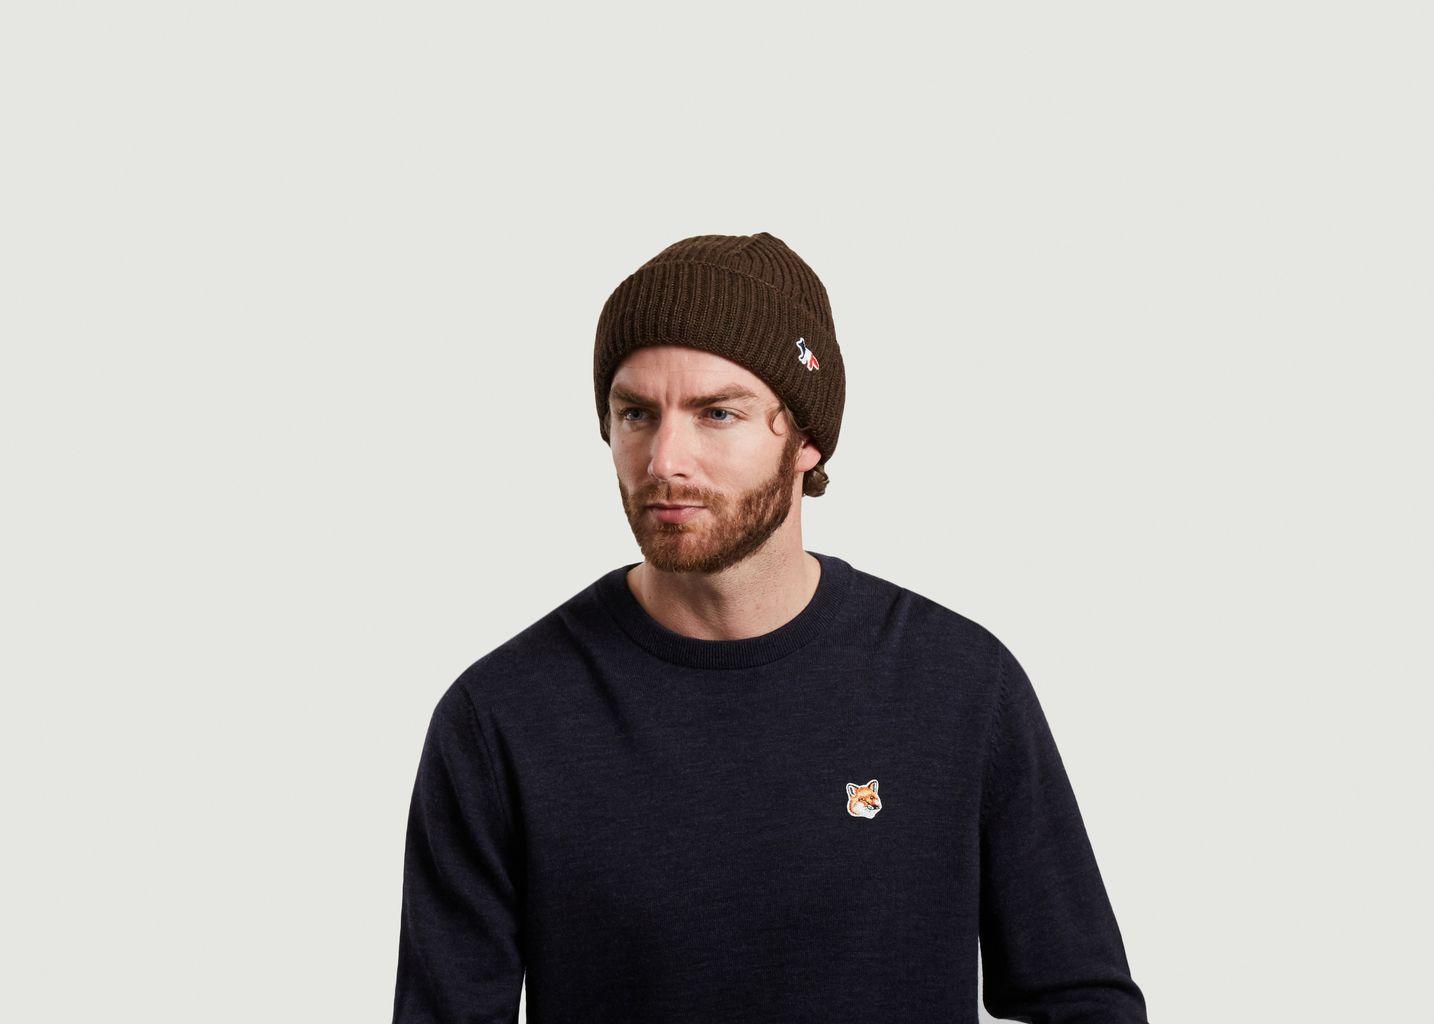 Bonnet logotypé en laine - Maison Kitsuné